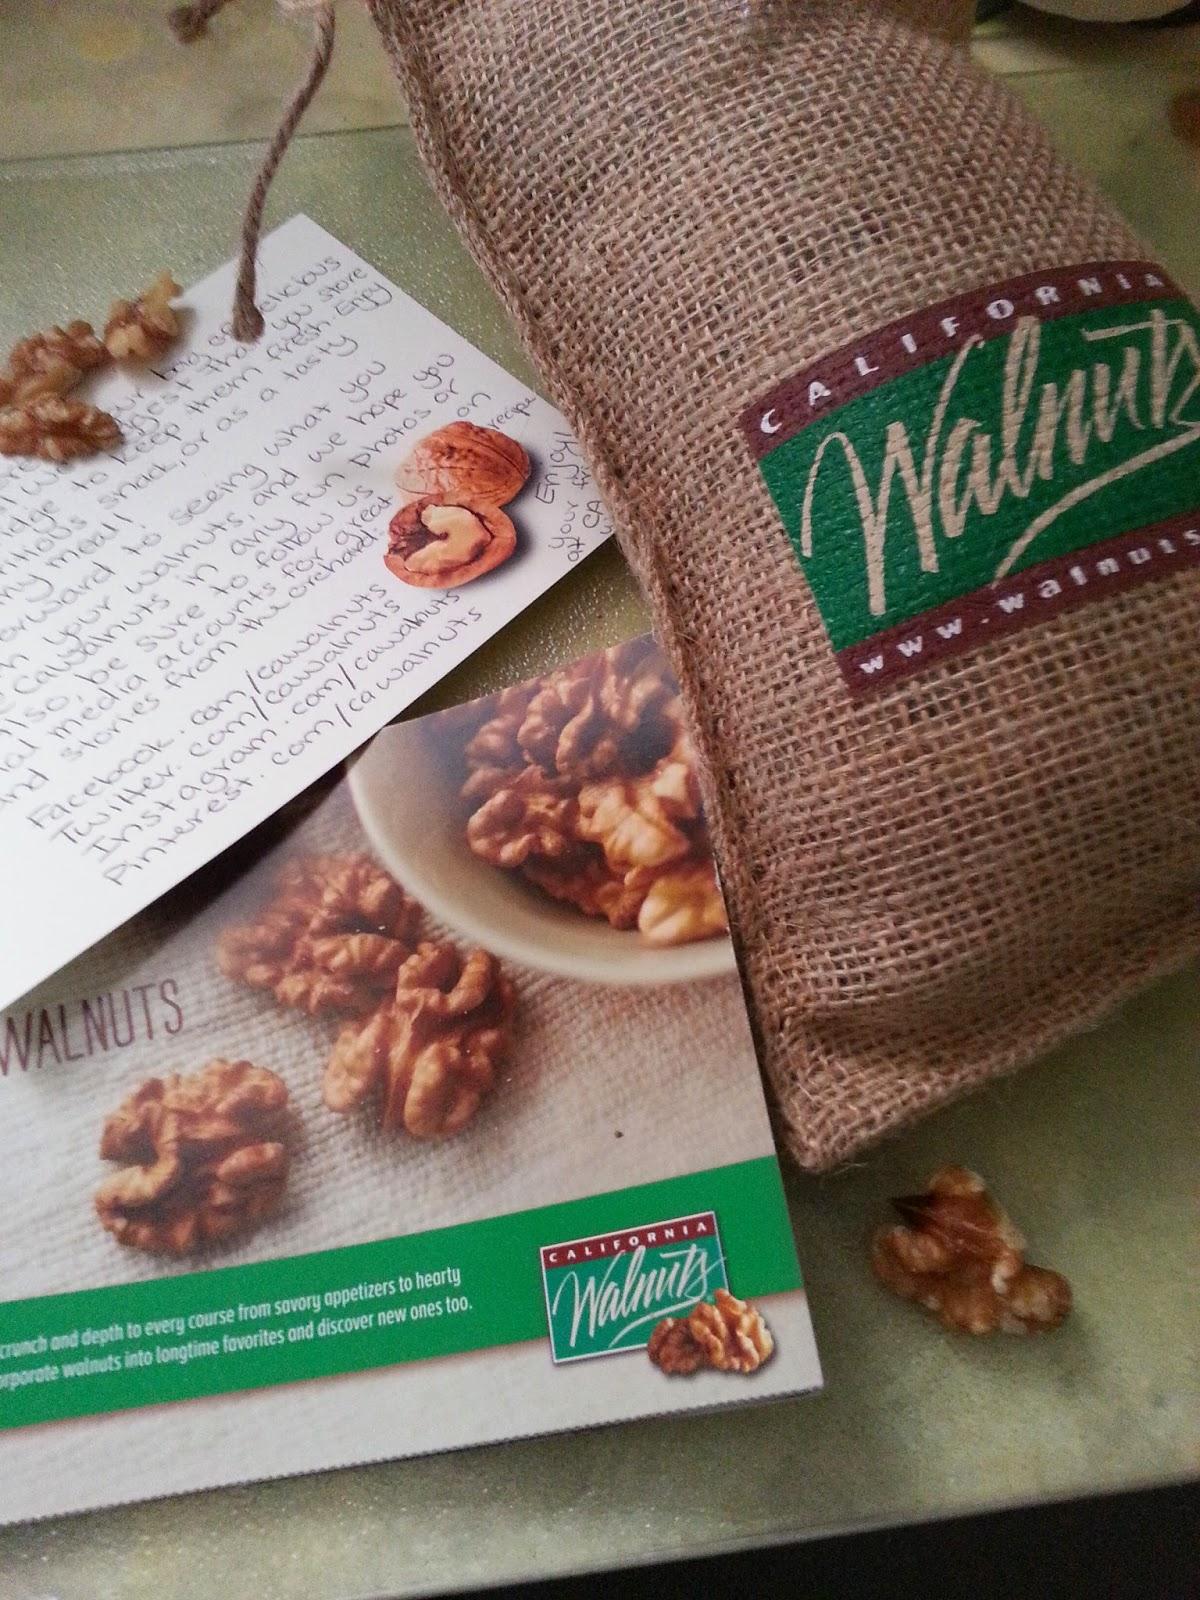 http://www.walnuts.org/